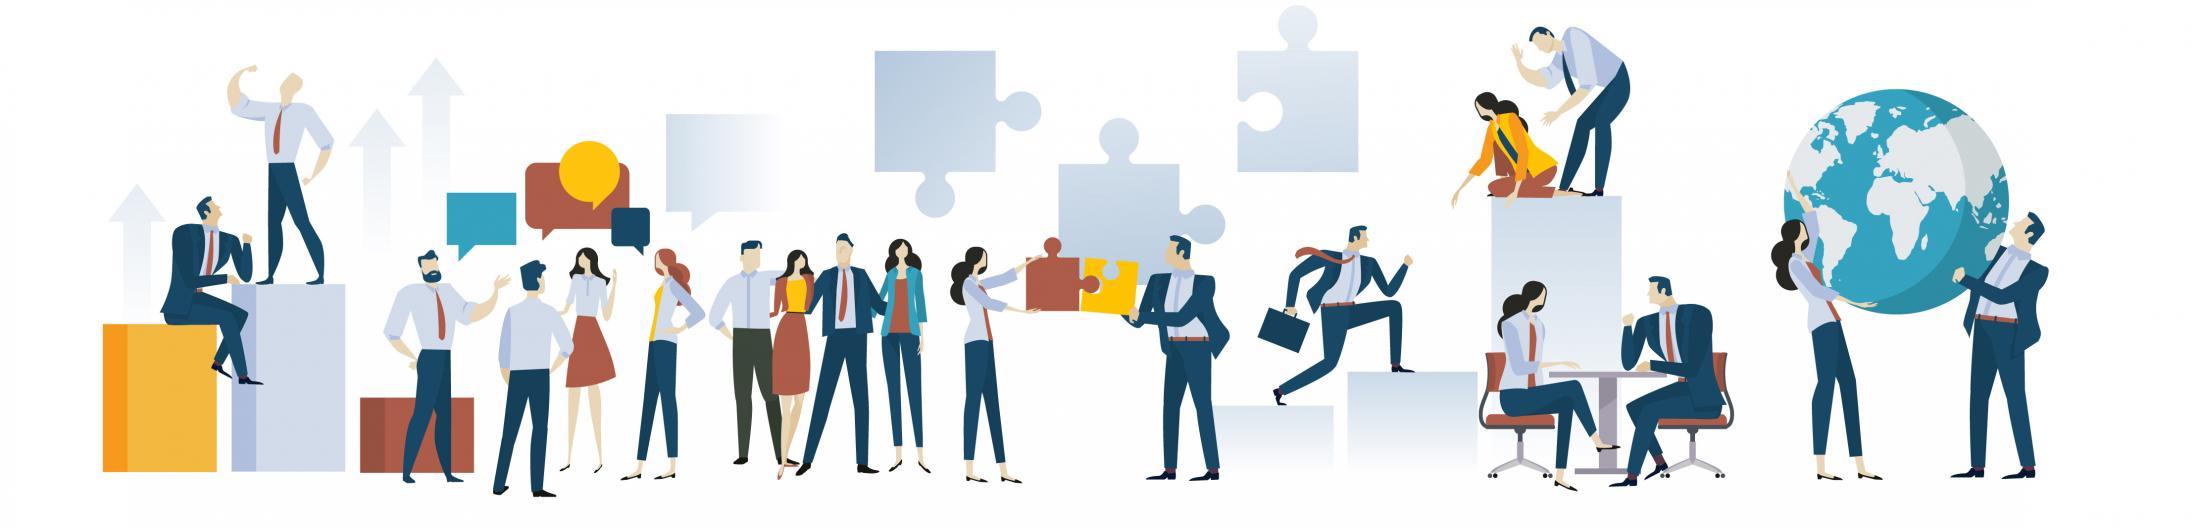 Experiencia de empleado e impacto en el negocio: People Analytics para gestionar el bienestar corporativo